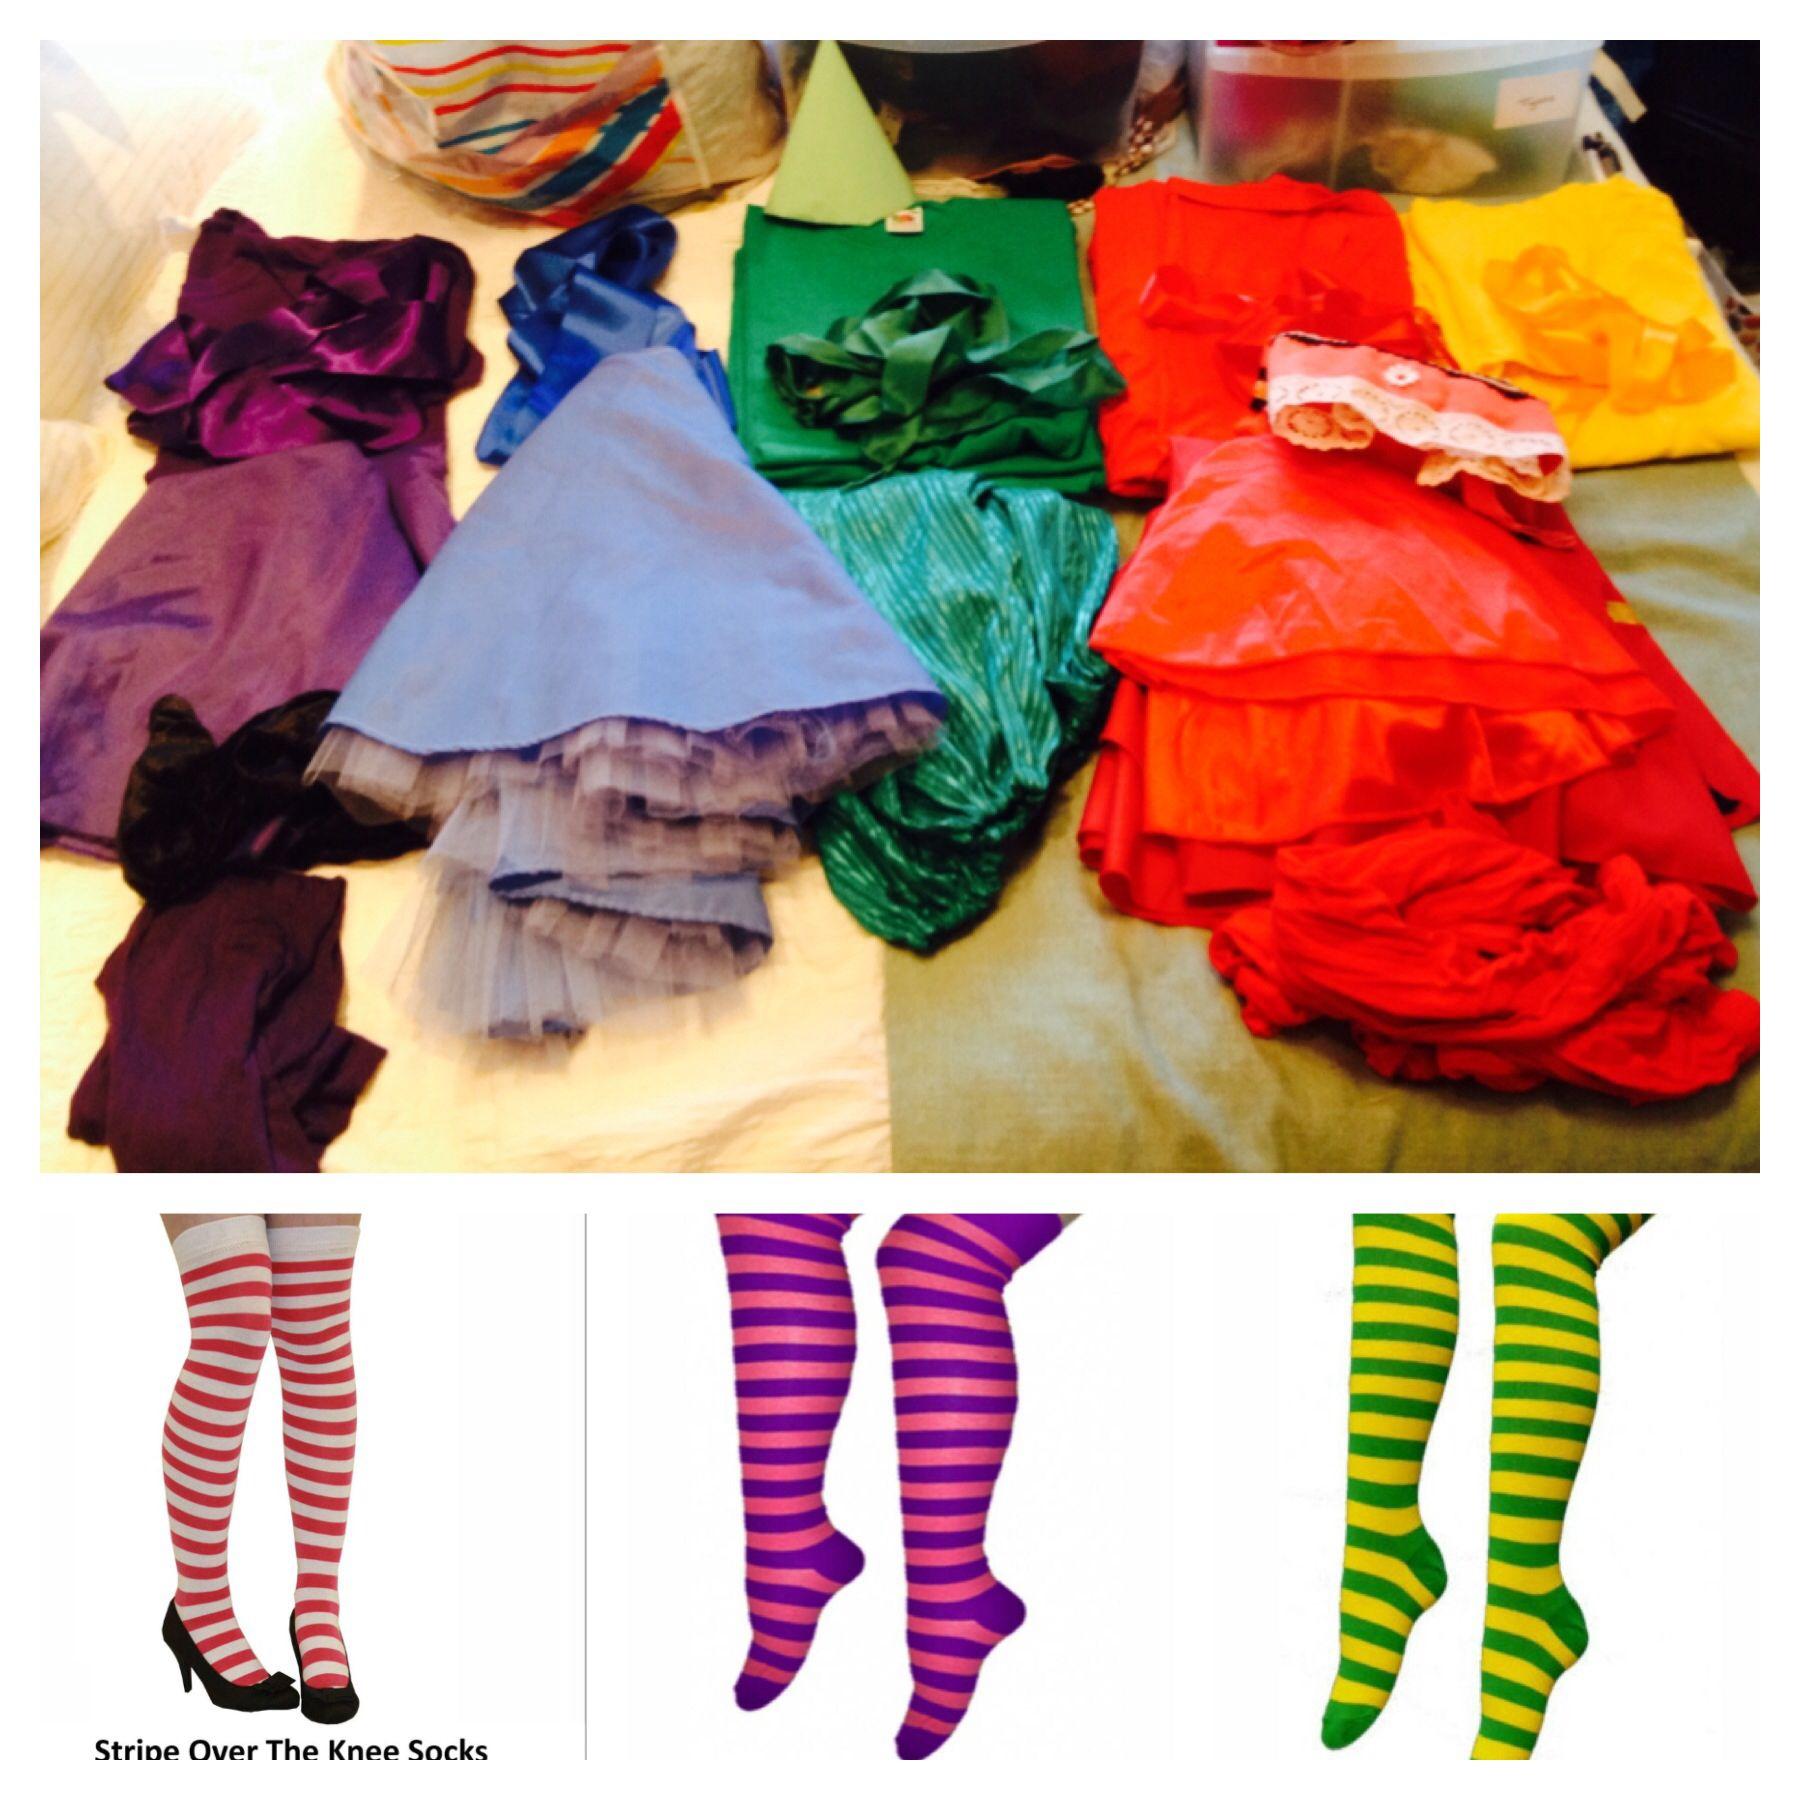 Kids Munchkin Girl Costume | Costumes, Munchkin costume and Top ...